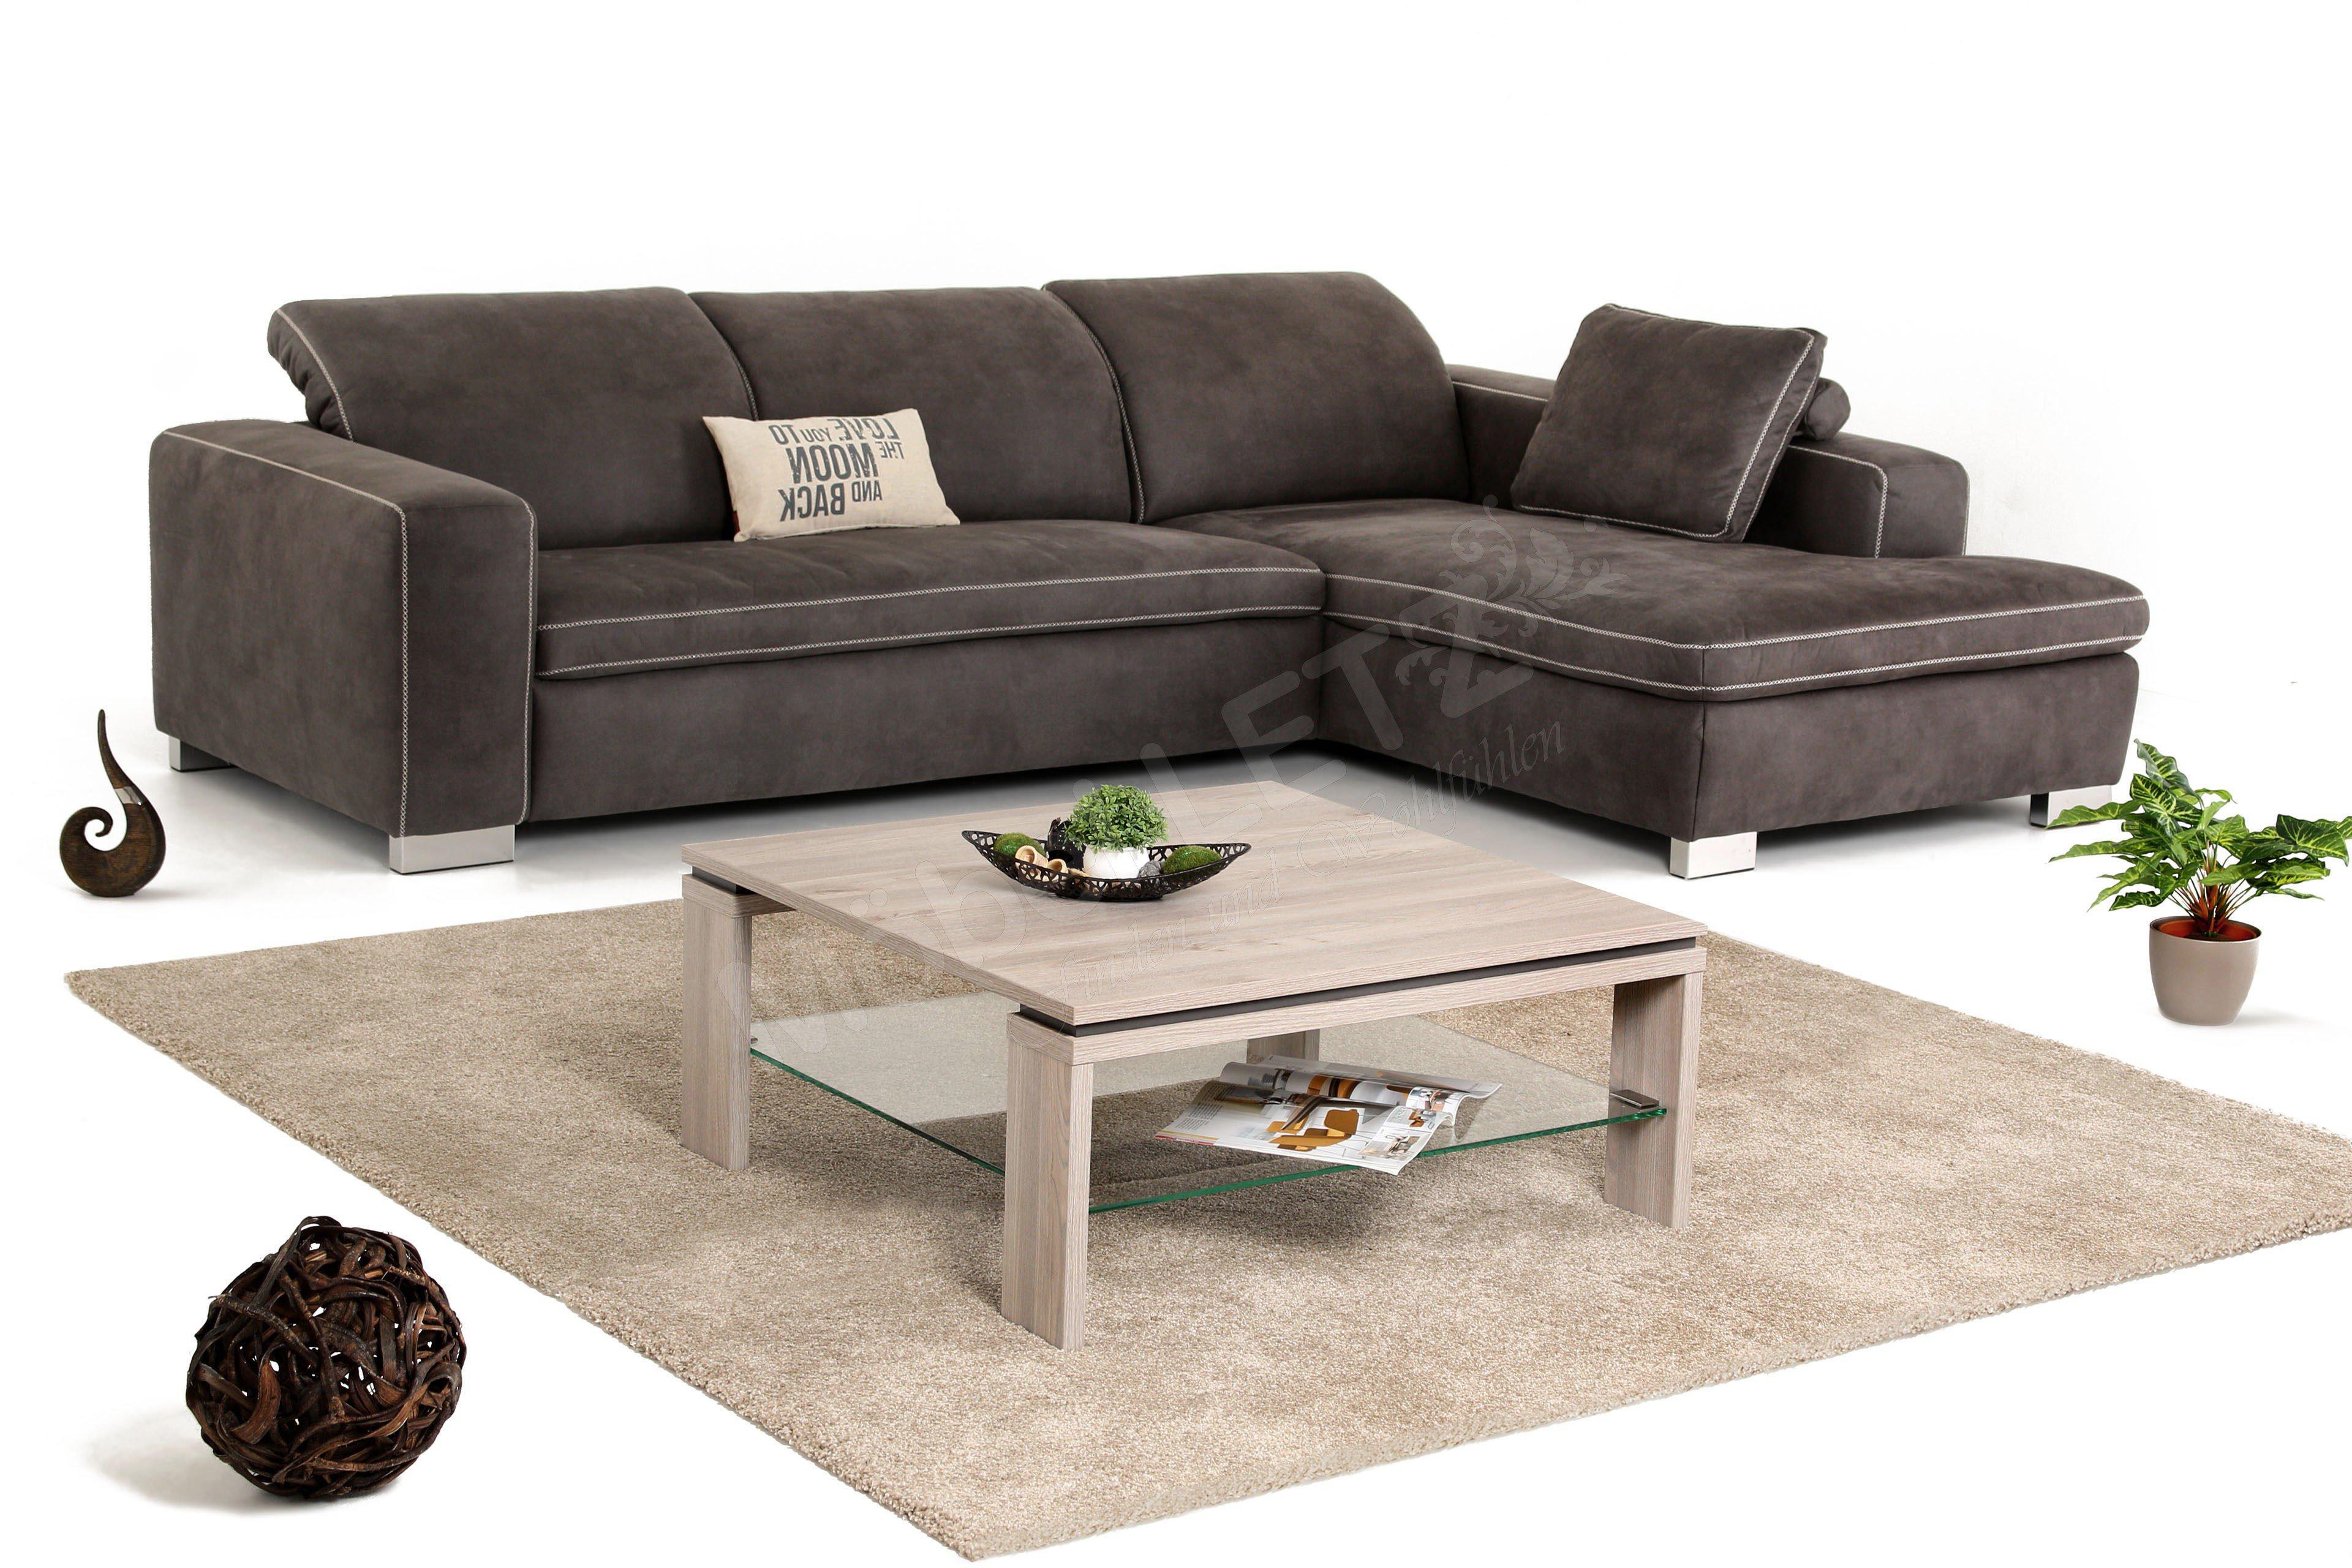 loddenkemper modena couchtisch kr ger couchtisch opiumtisch flechtkorb f r mit glas h he ab 45. Black Bedroom Furniture Sets. Home Design Ideas